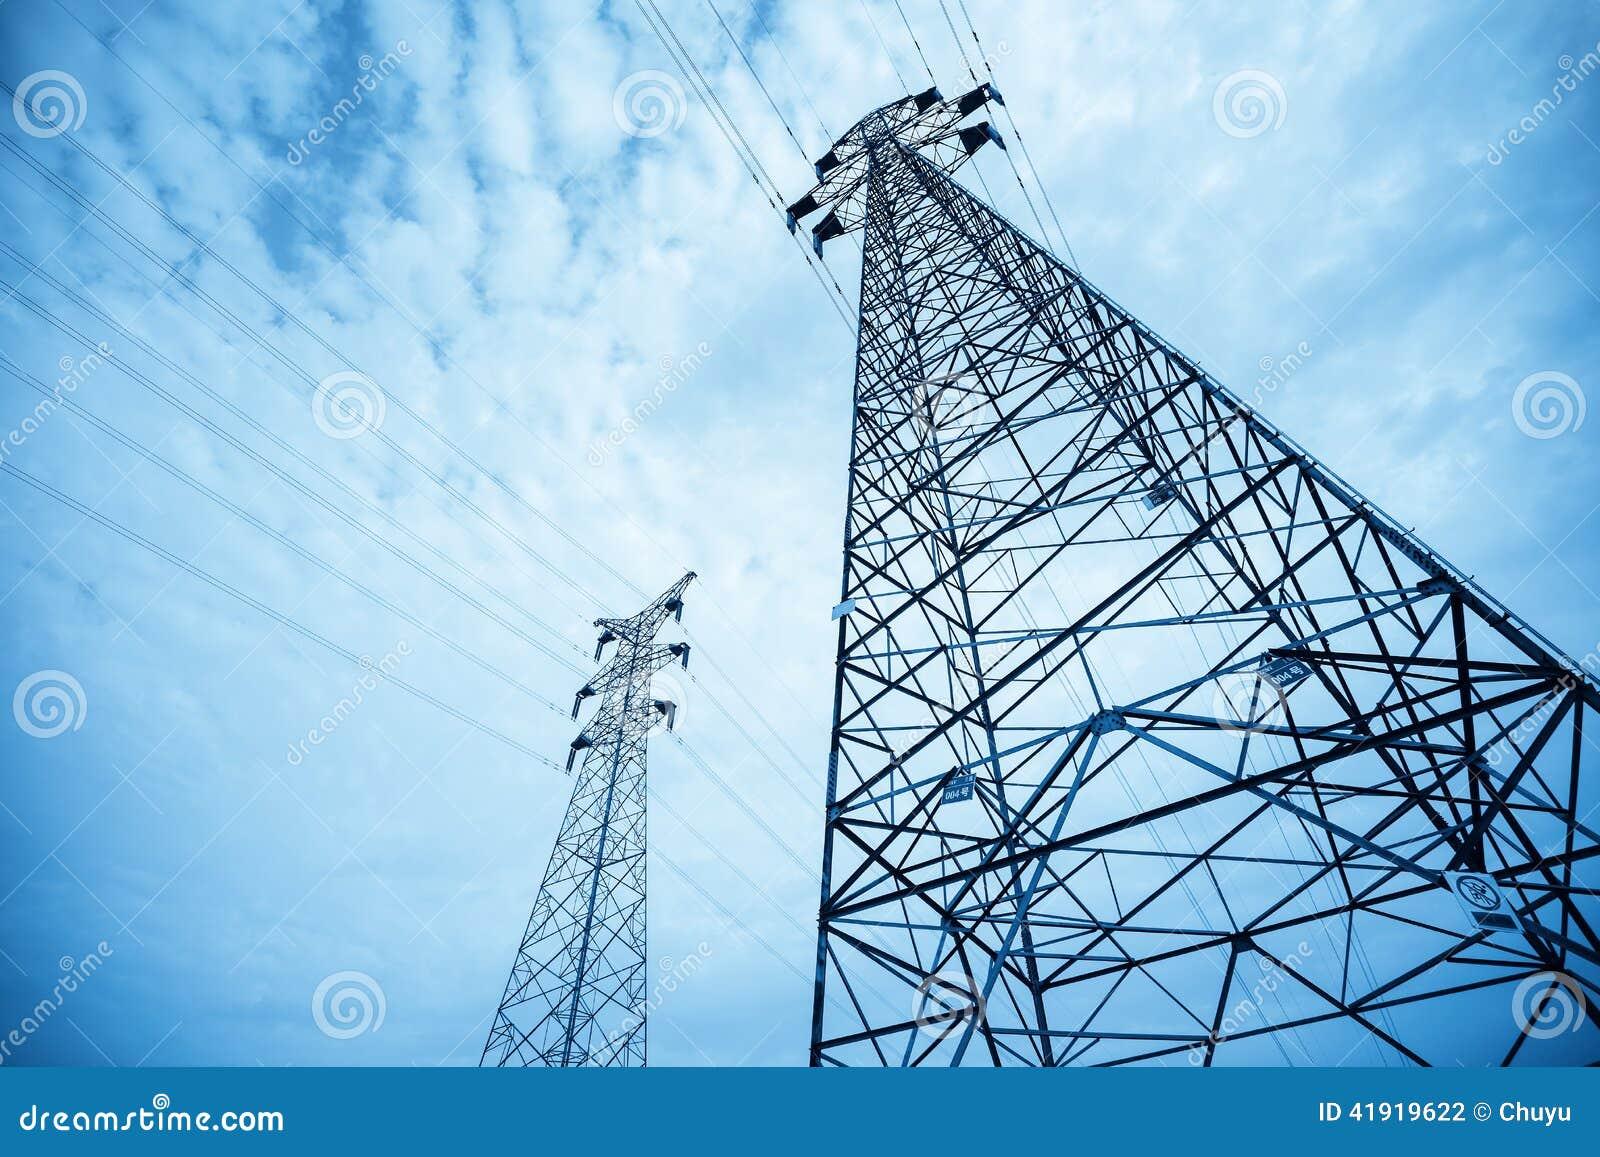 Fondo de alto voltaje del pil?n de la transmisi?n